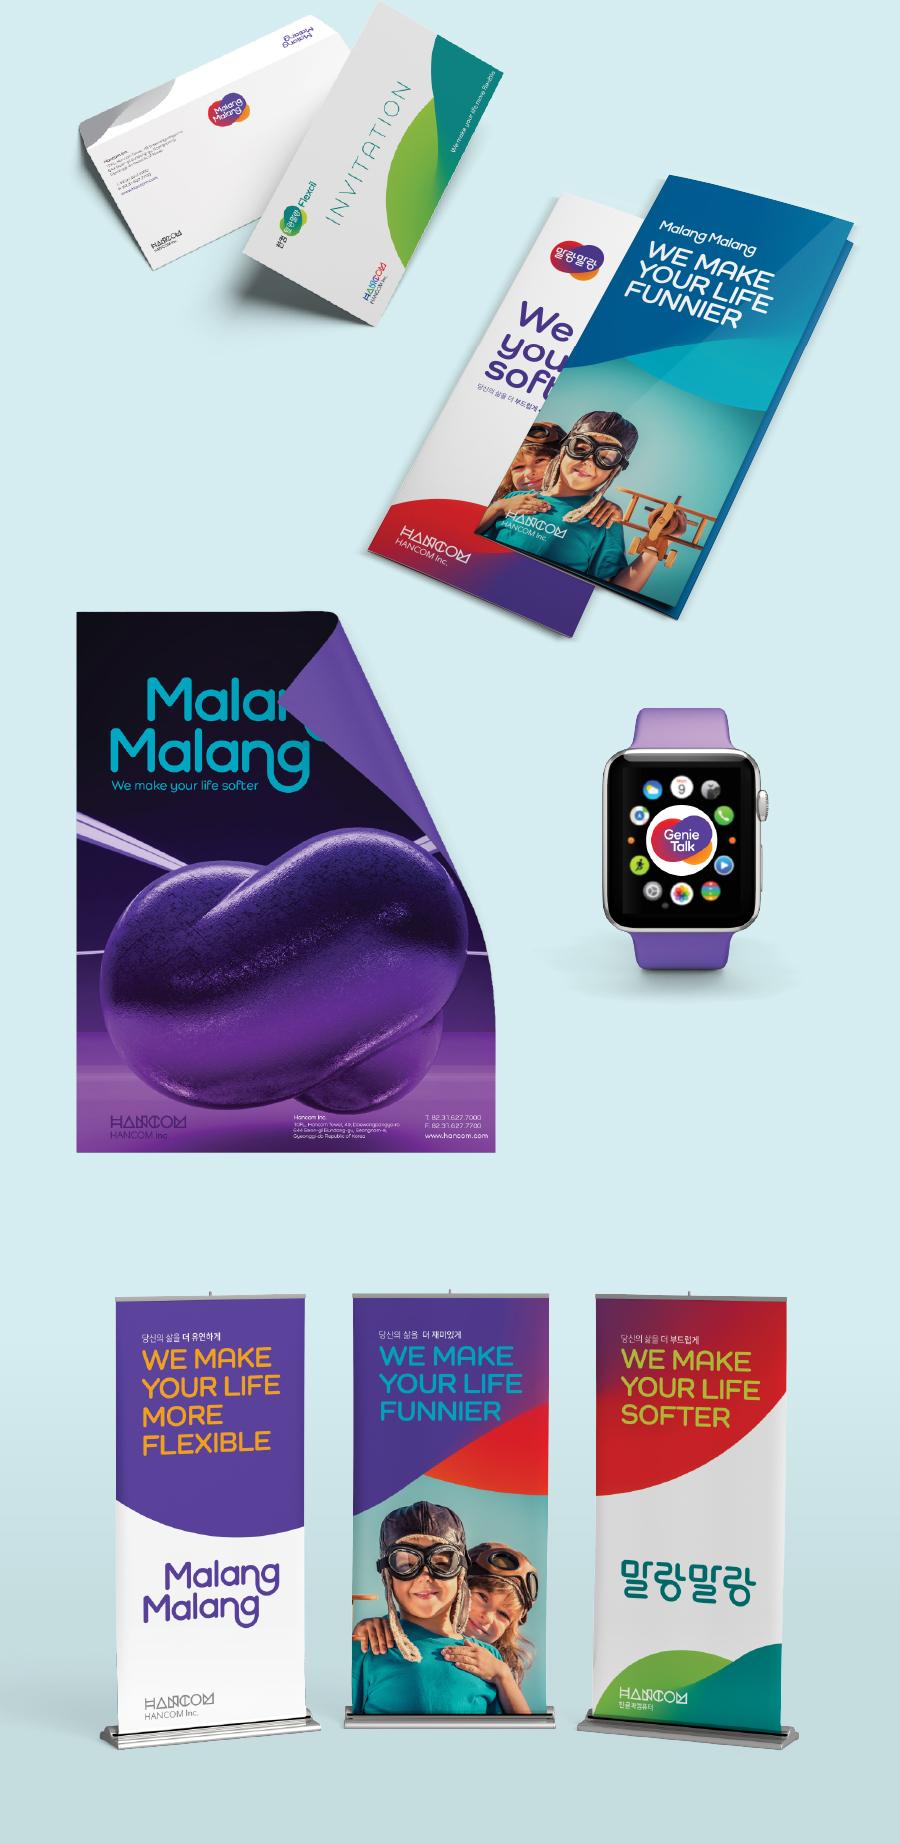 malang-si-total-900_02